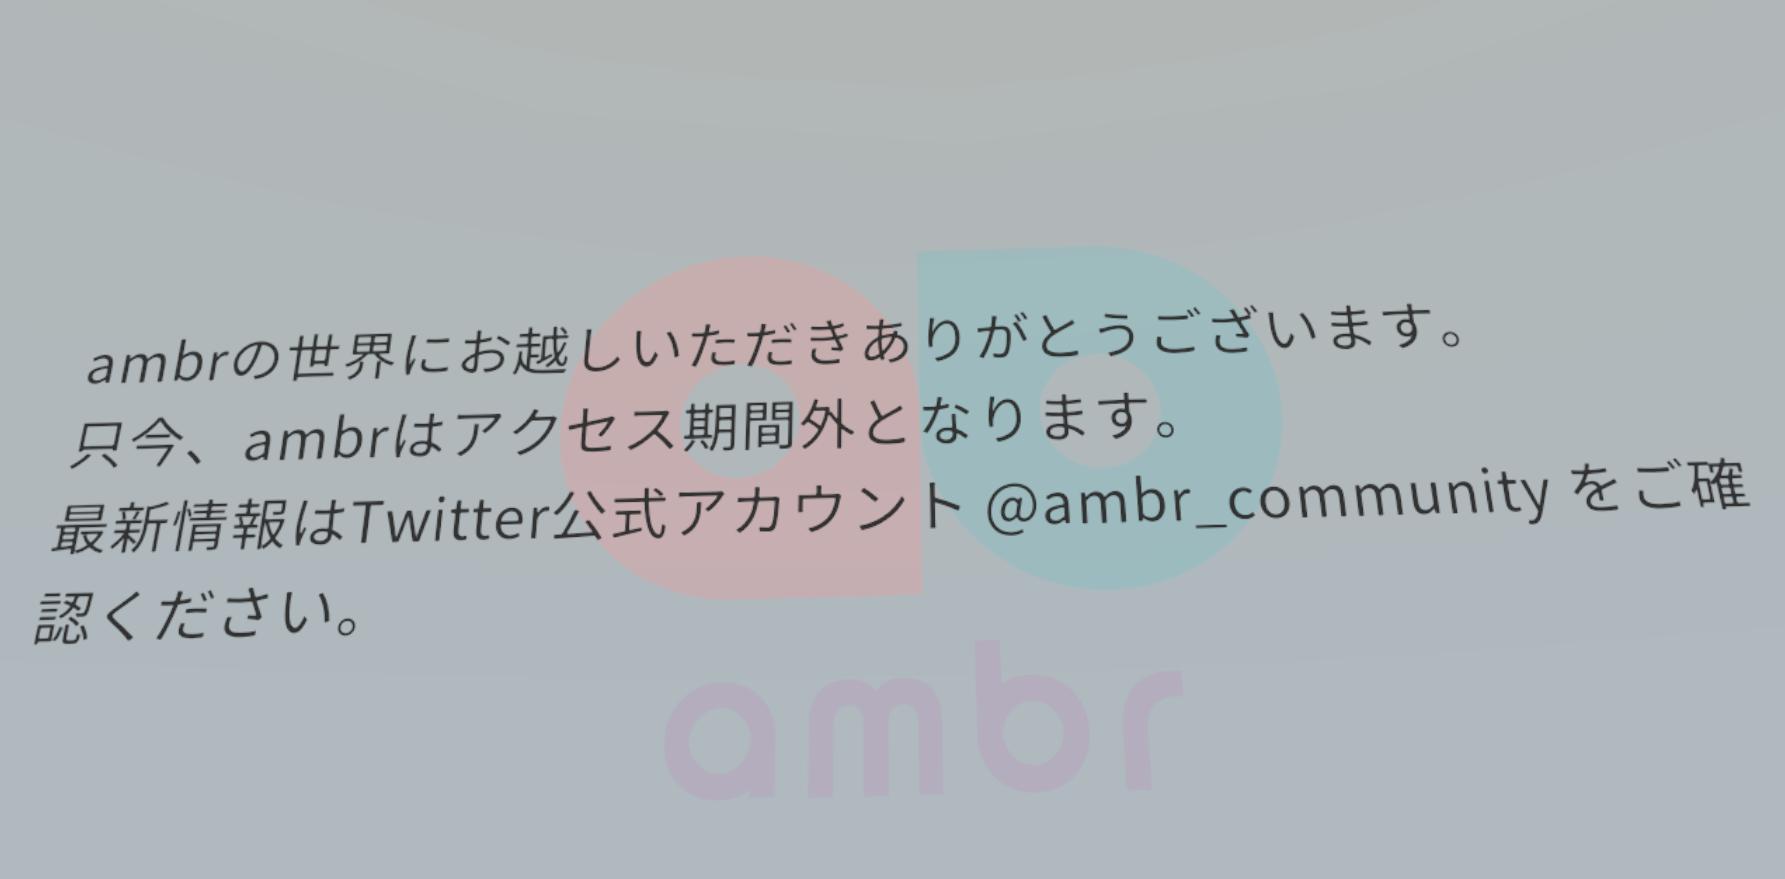 VR SNS【ambr】は定期的にメンテナンスが入る1